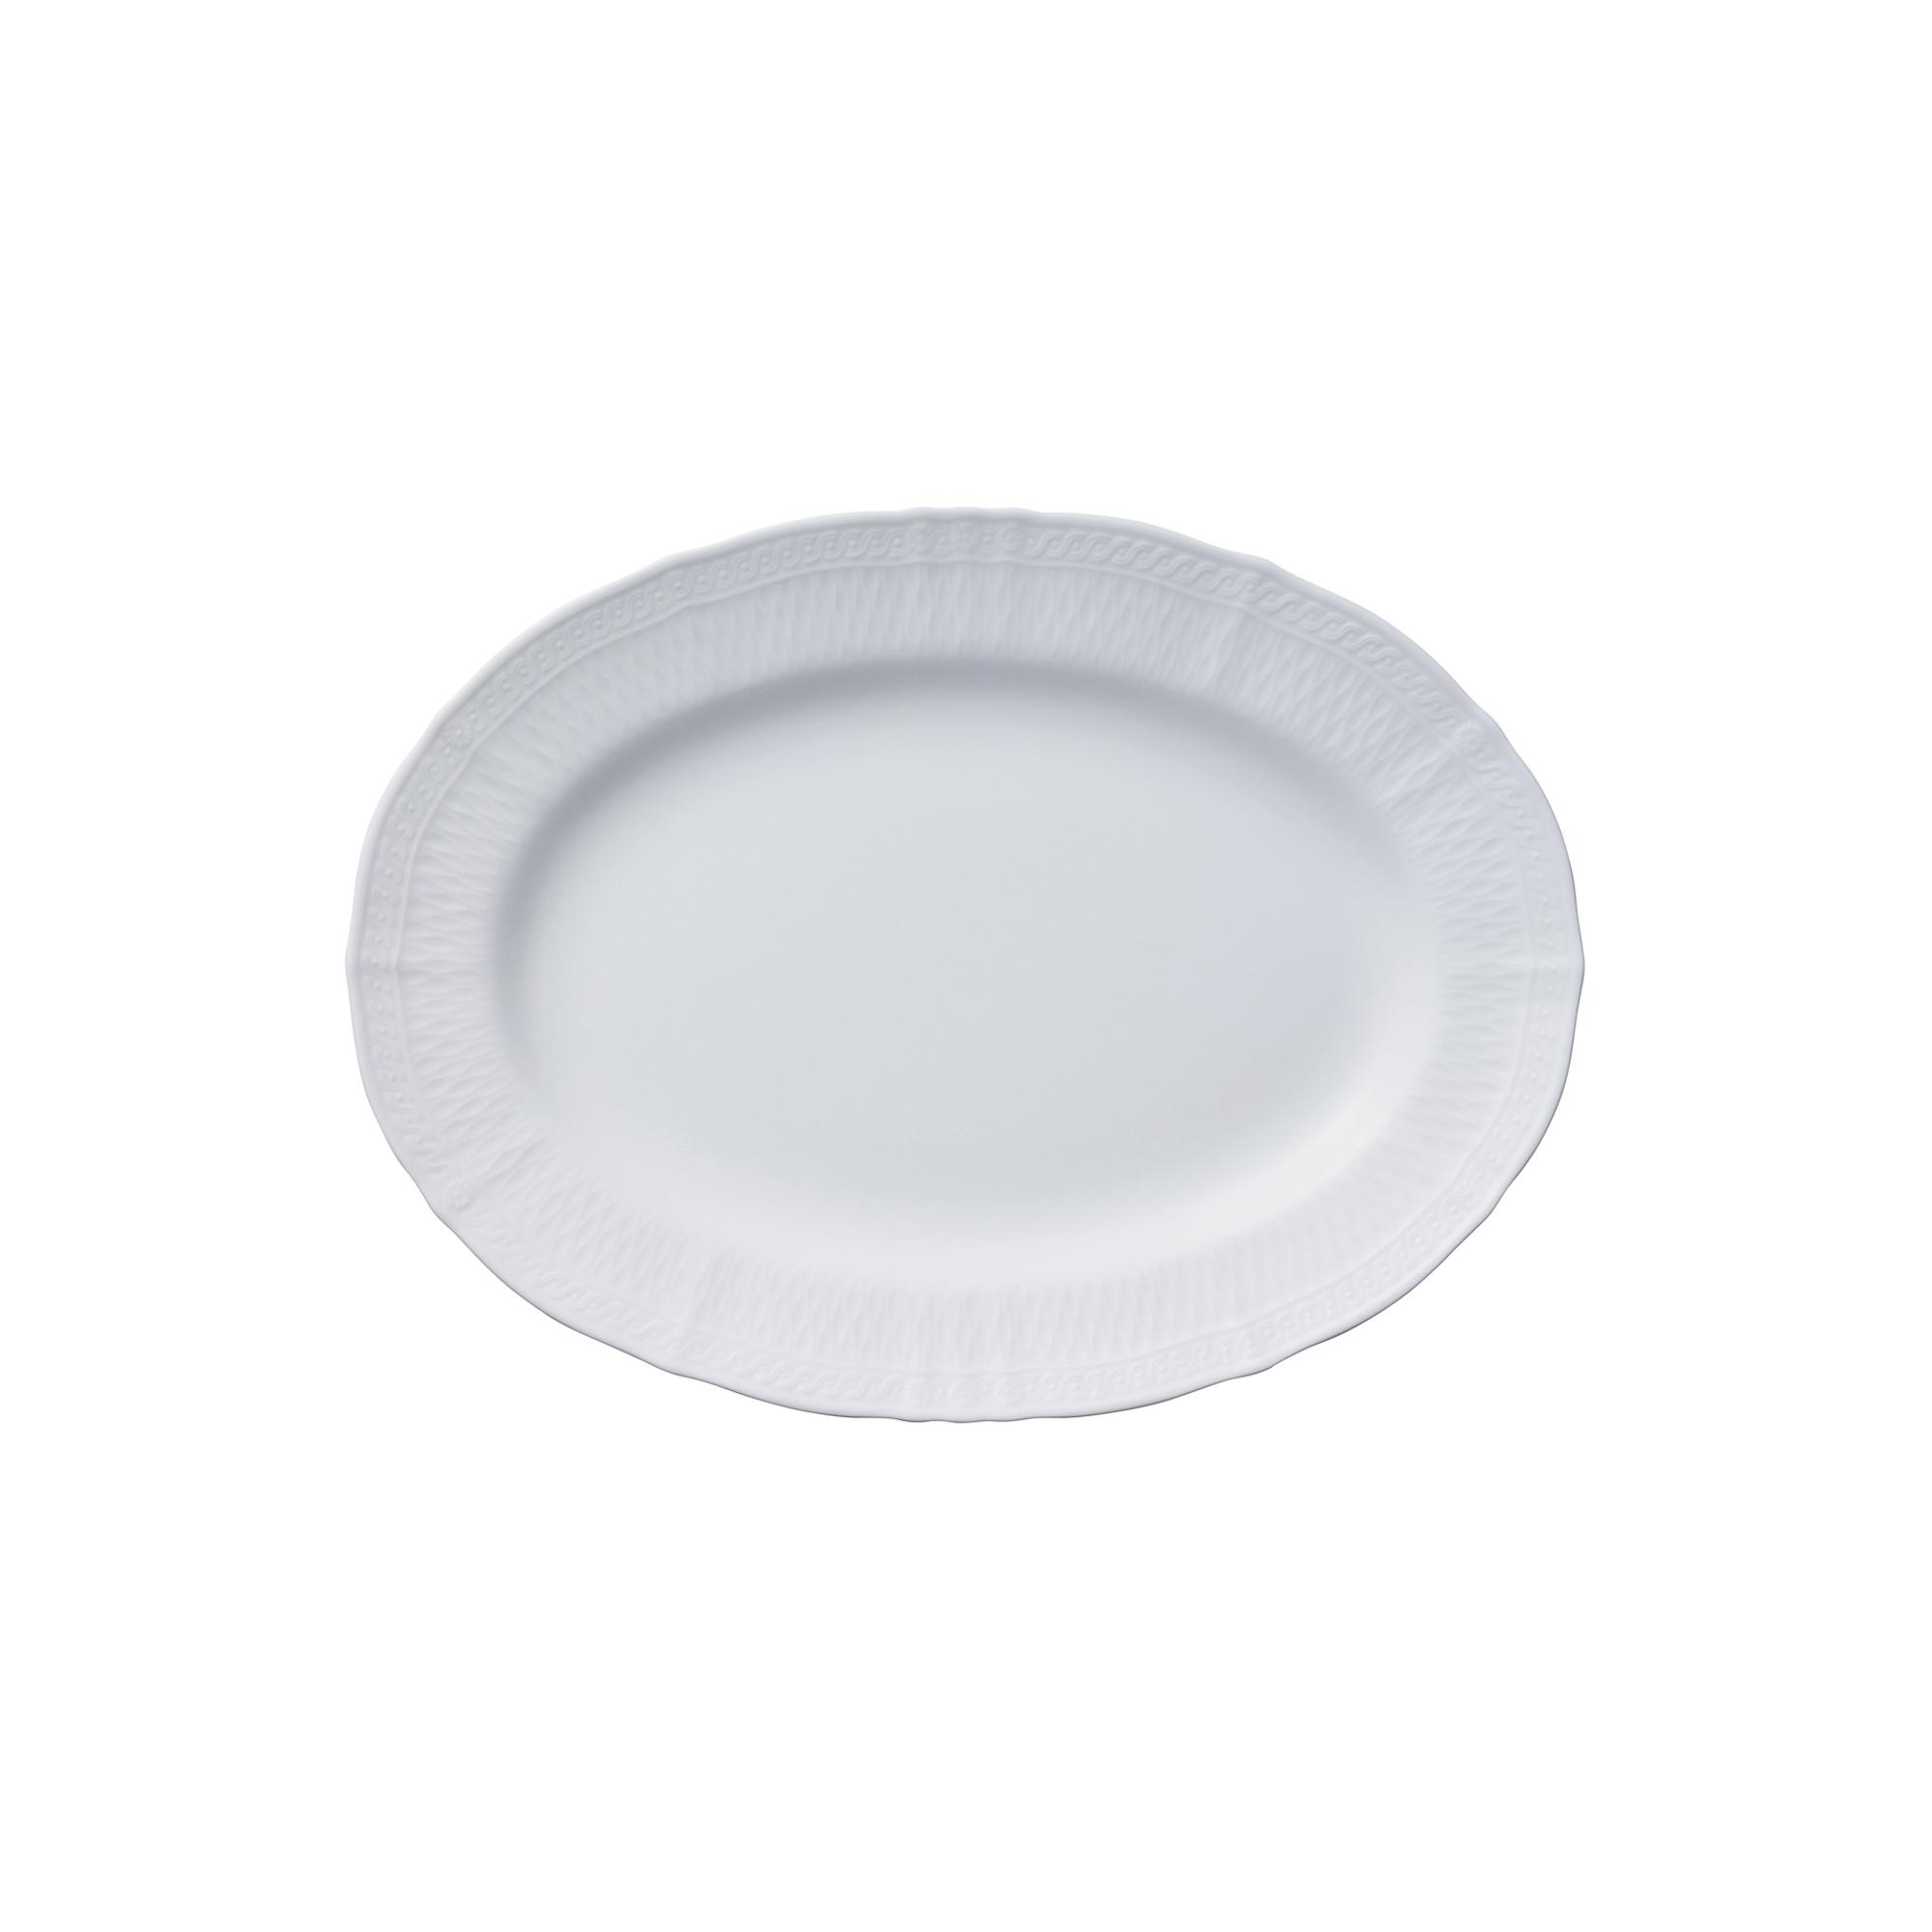 Фото - Блюдо овальное Noritake Шер Бланк 36 см блюдо овальное 36 см falkenporzellan блюдо овальное 36 см